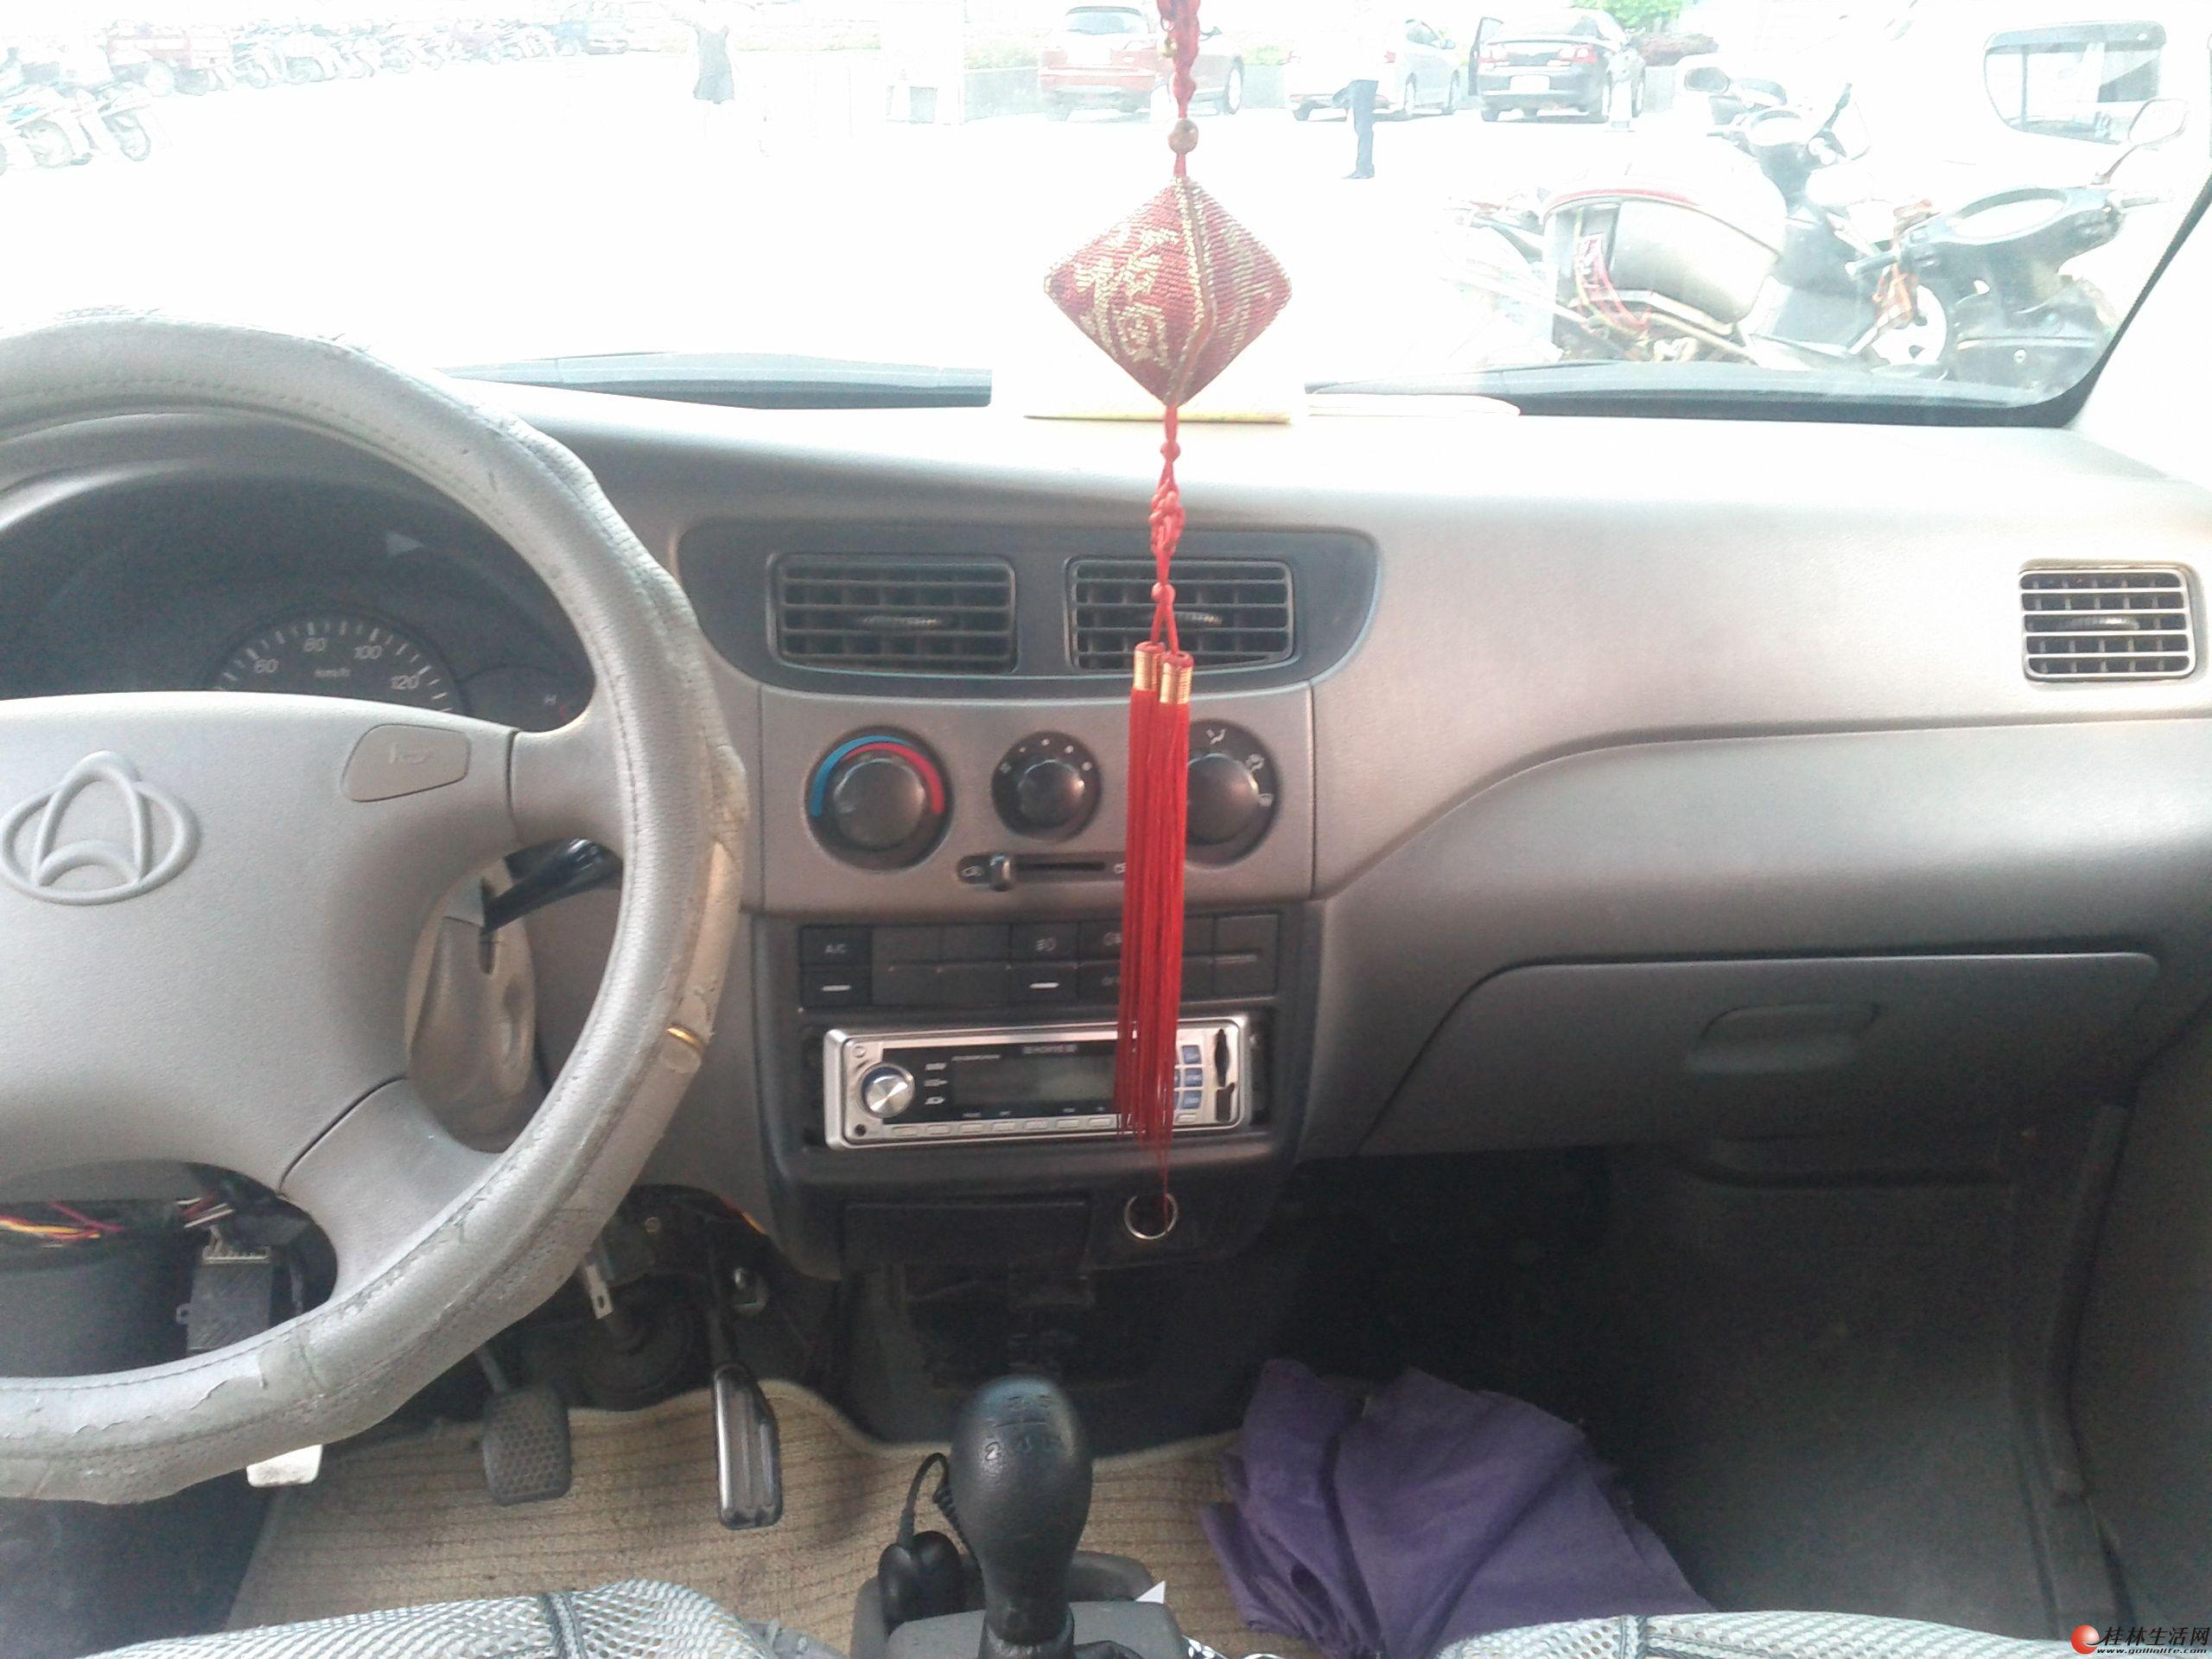 长安之星2 sc6399 家用车 保养好 要换车才卖 高清图片